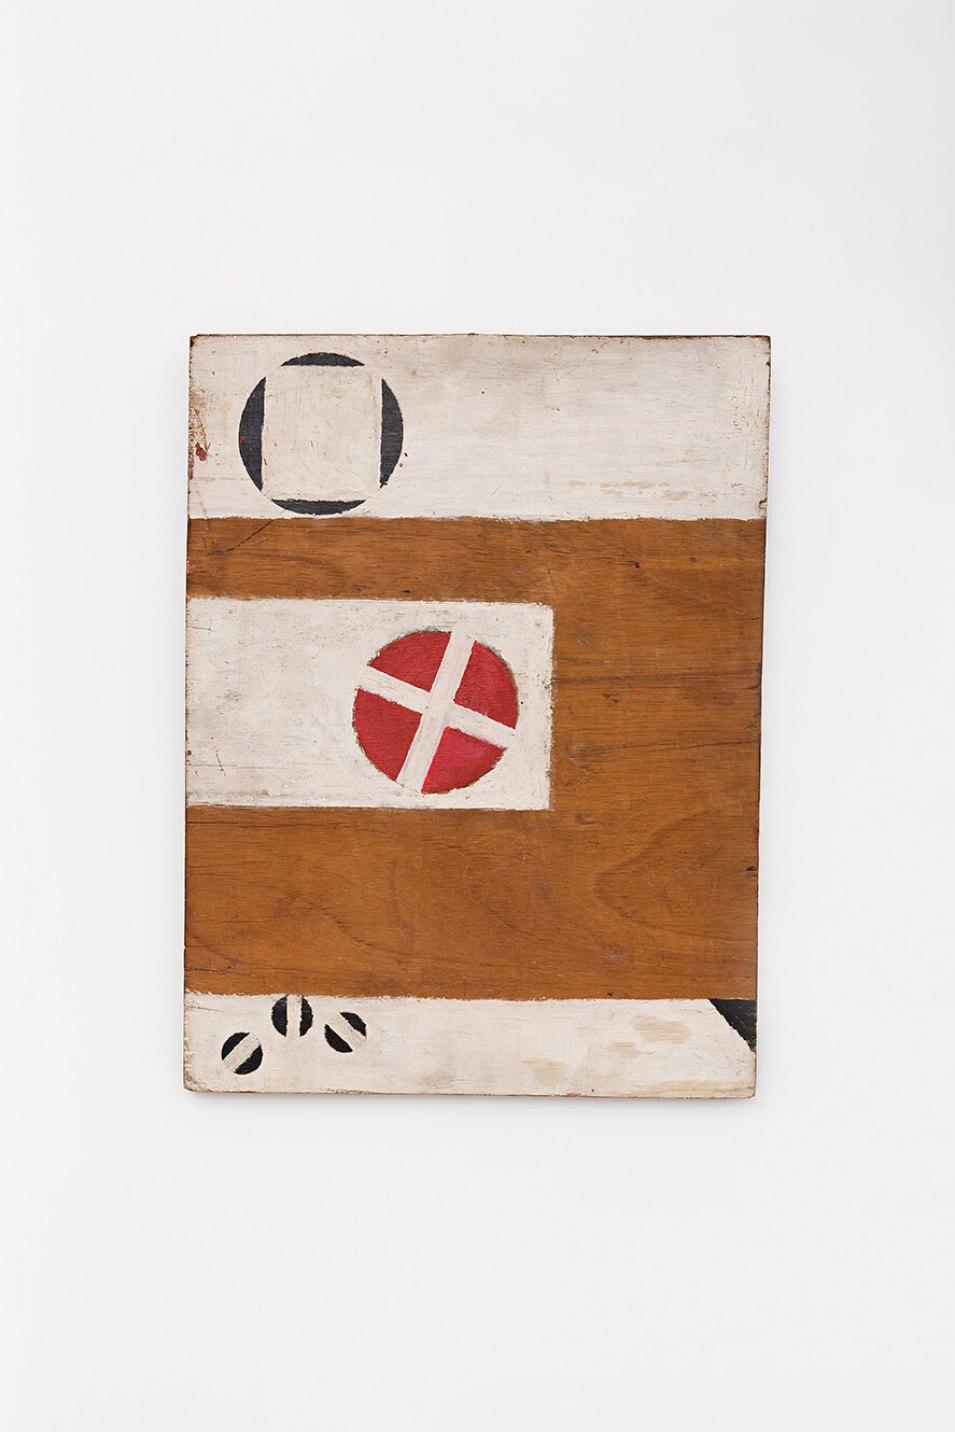 Celso Renato,<em>untitled</em>, n/a,acrylic on wood,45 × 34 ×3 cm - Mendes Wood DM